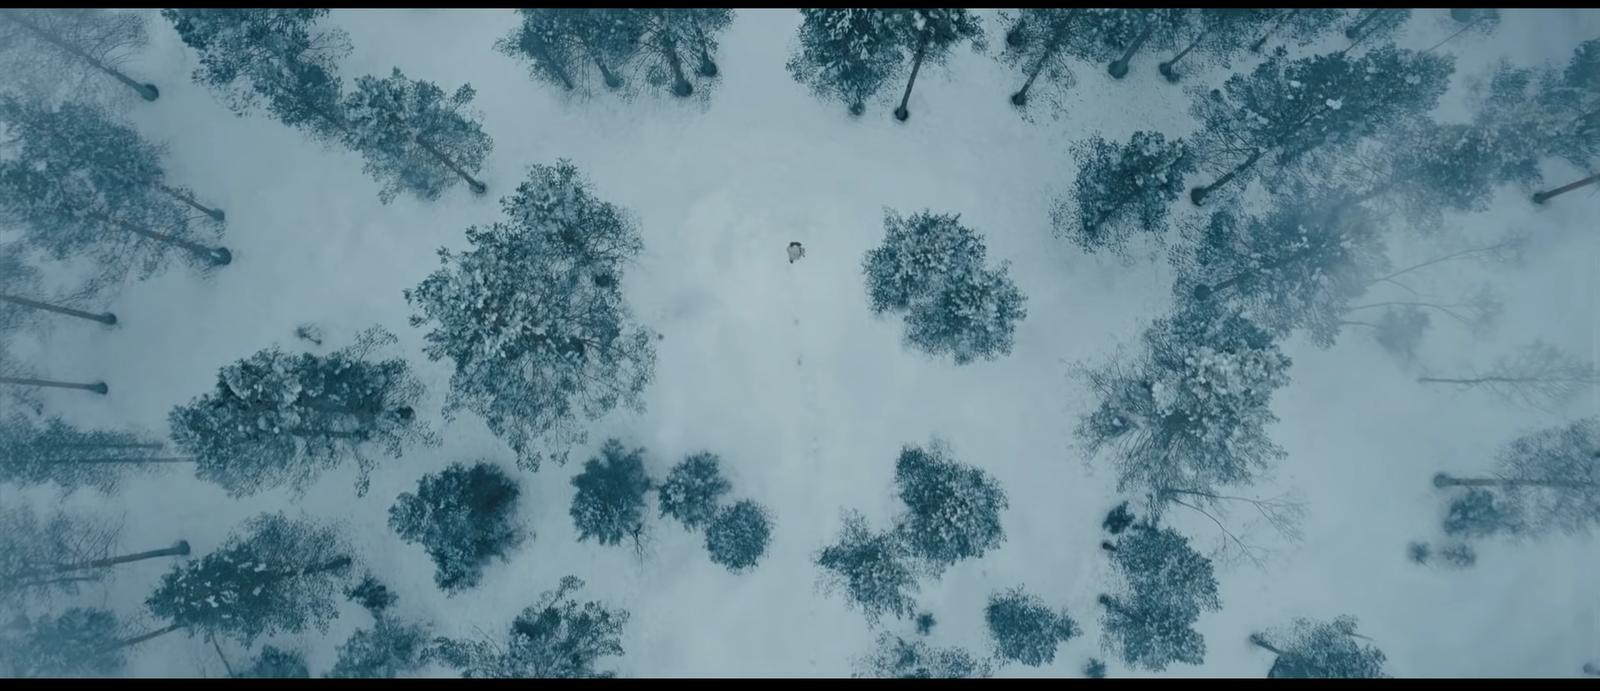 """Warto dodać, że to nie jedyne miejsce w Norwegii, w którym były kręcono sceny do """"Nie czas umierać"""". Zdjęcia odbywały się także około 40 km od Oslo, stolicy Norwegii, w okręgu Nittedal. Tam powstawały sceny na zamarzniętym jeziorze."""